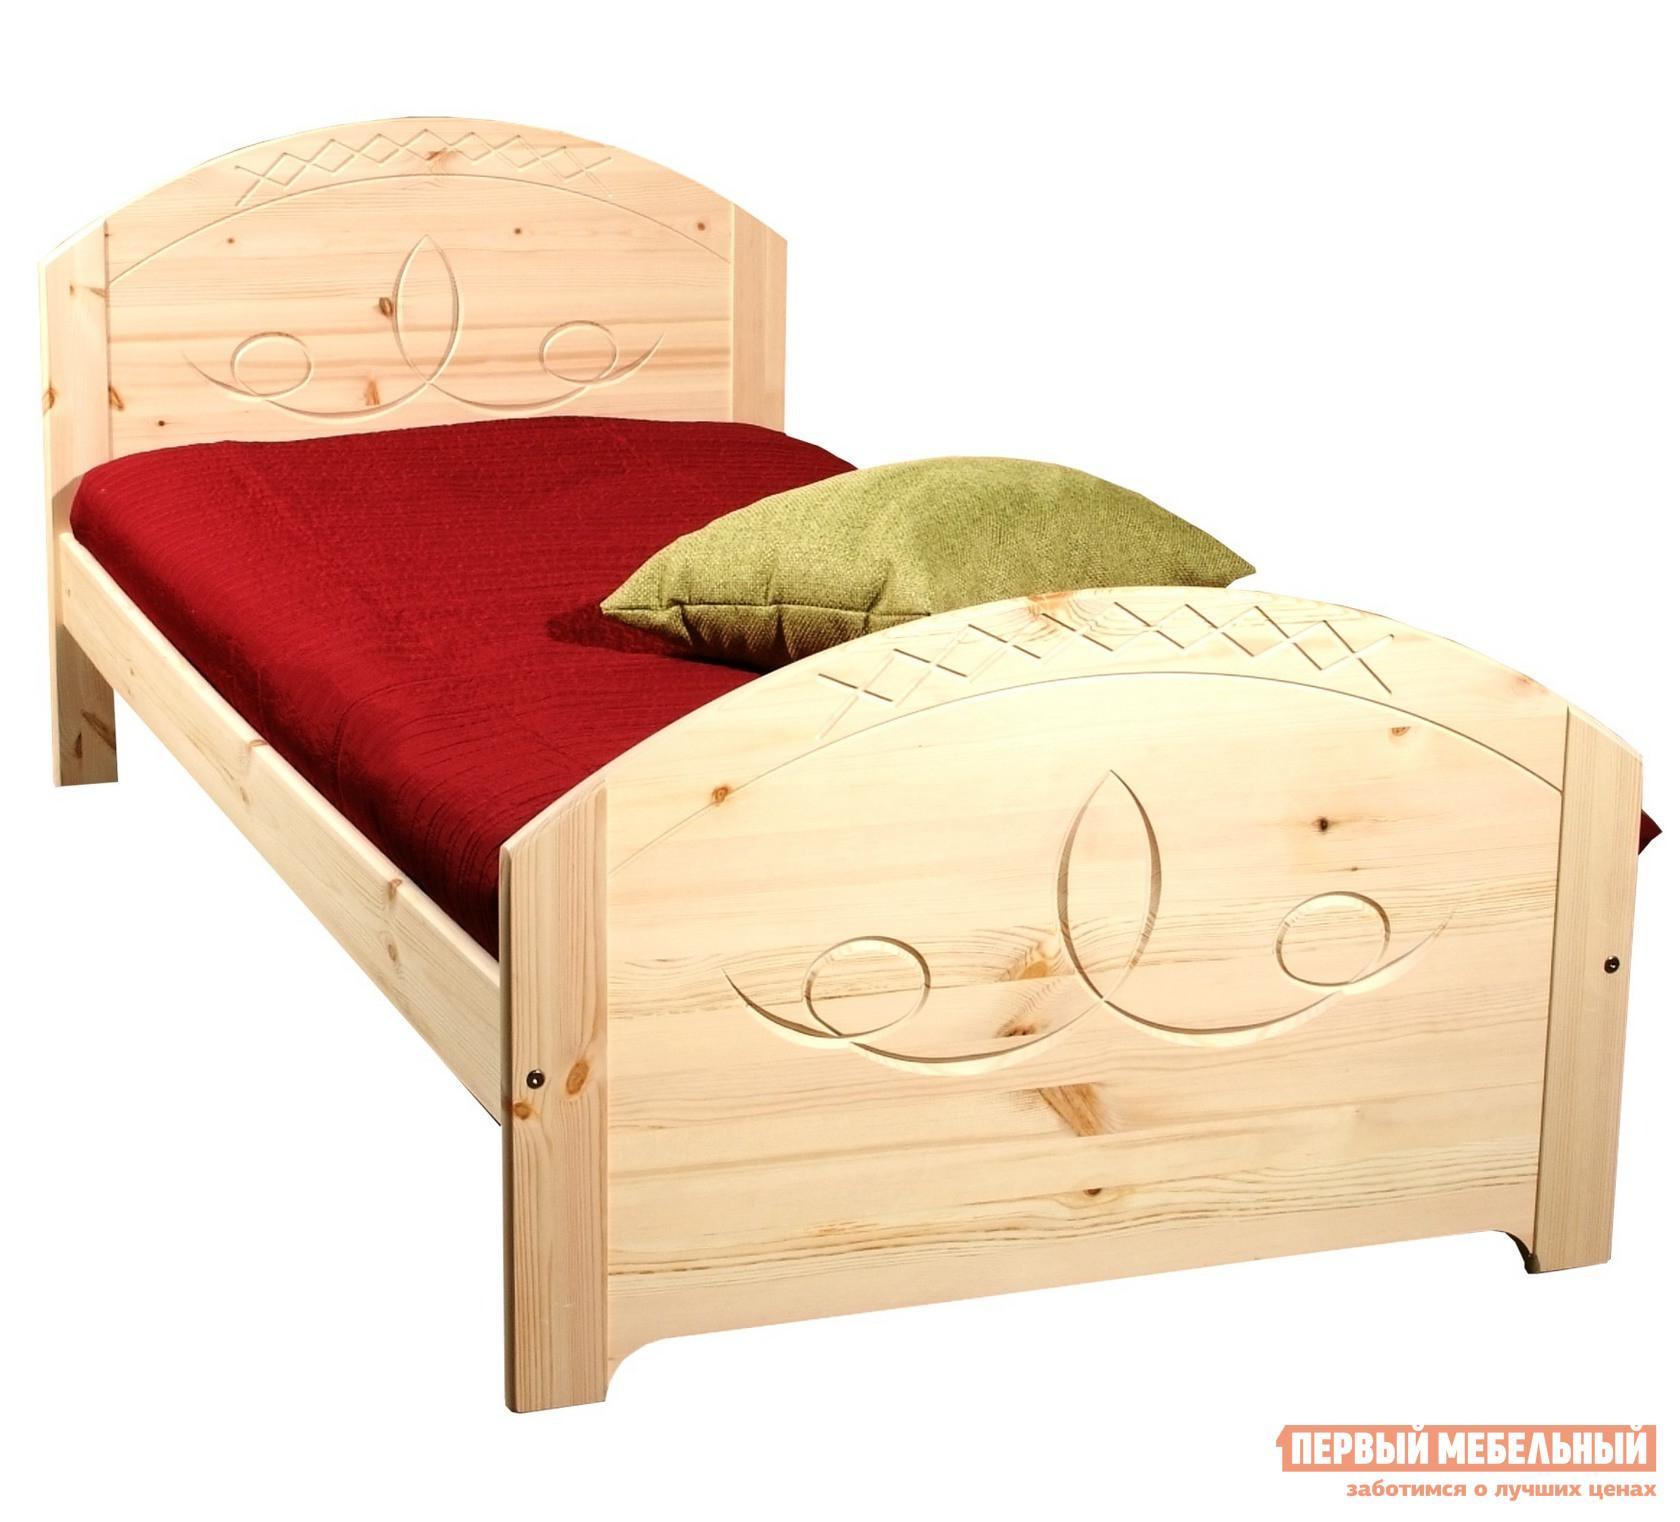 Кровать Timberica Элина Спальное место 1800 X 2000 мм,Бесцветный лак,Без матраса от Купистол